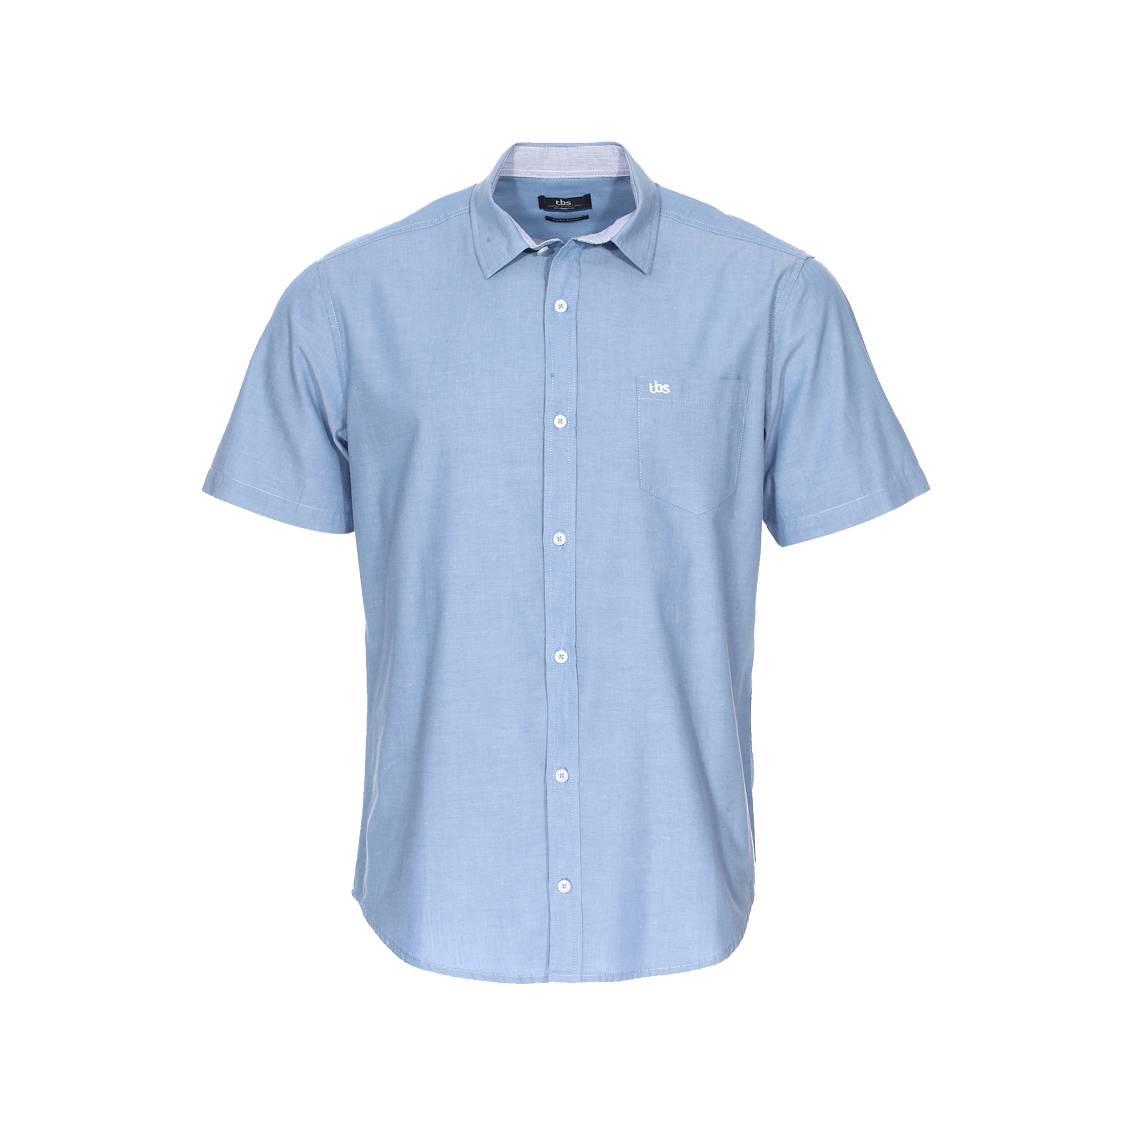 Chemise manches courtes  corchemi en coton bleu jean